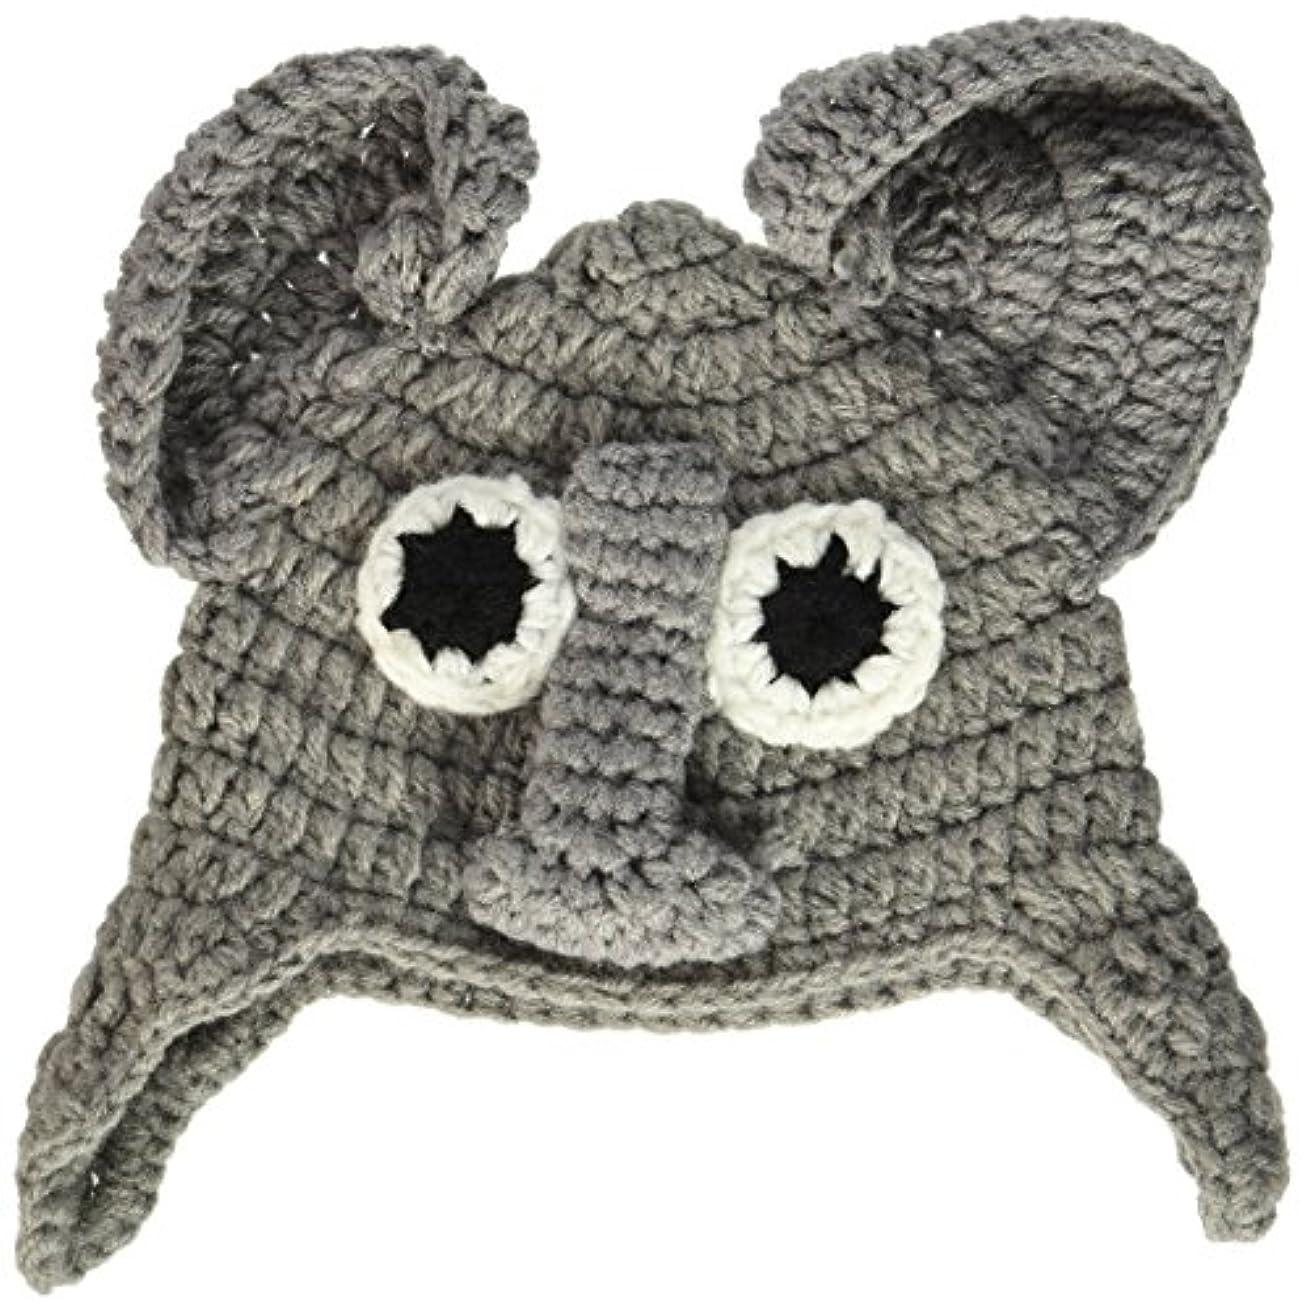 Boye Elephant Crocheted Hats for Babies